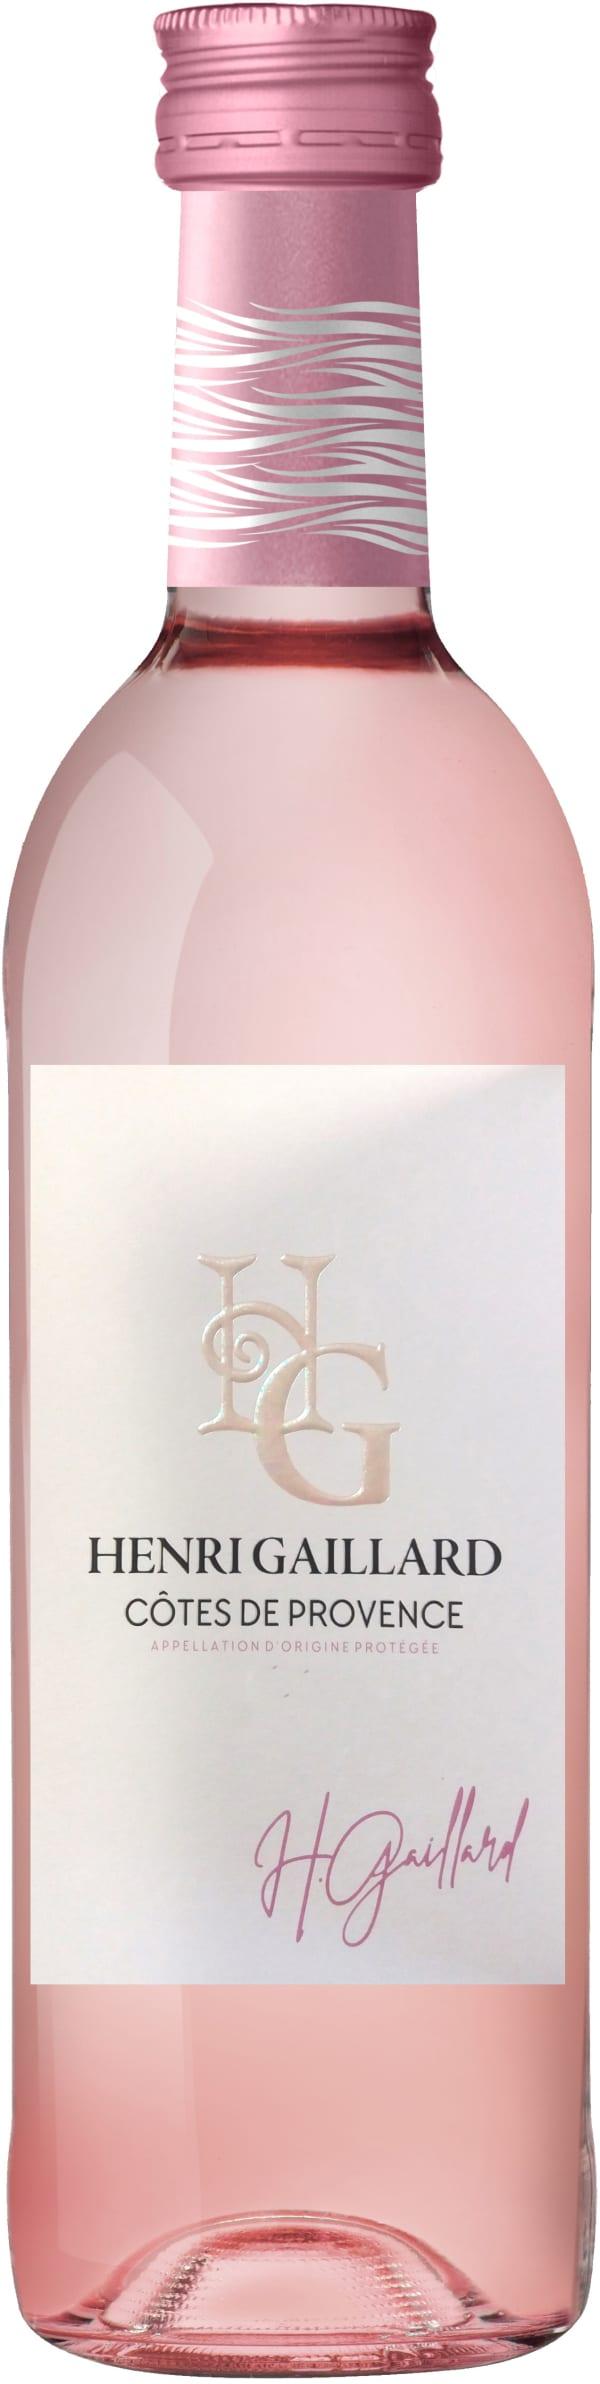 Henri Gaillard Côtes de Provence Rosé 2019